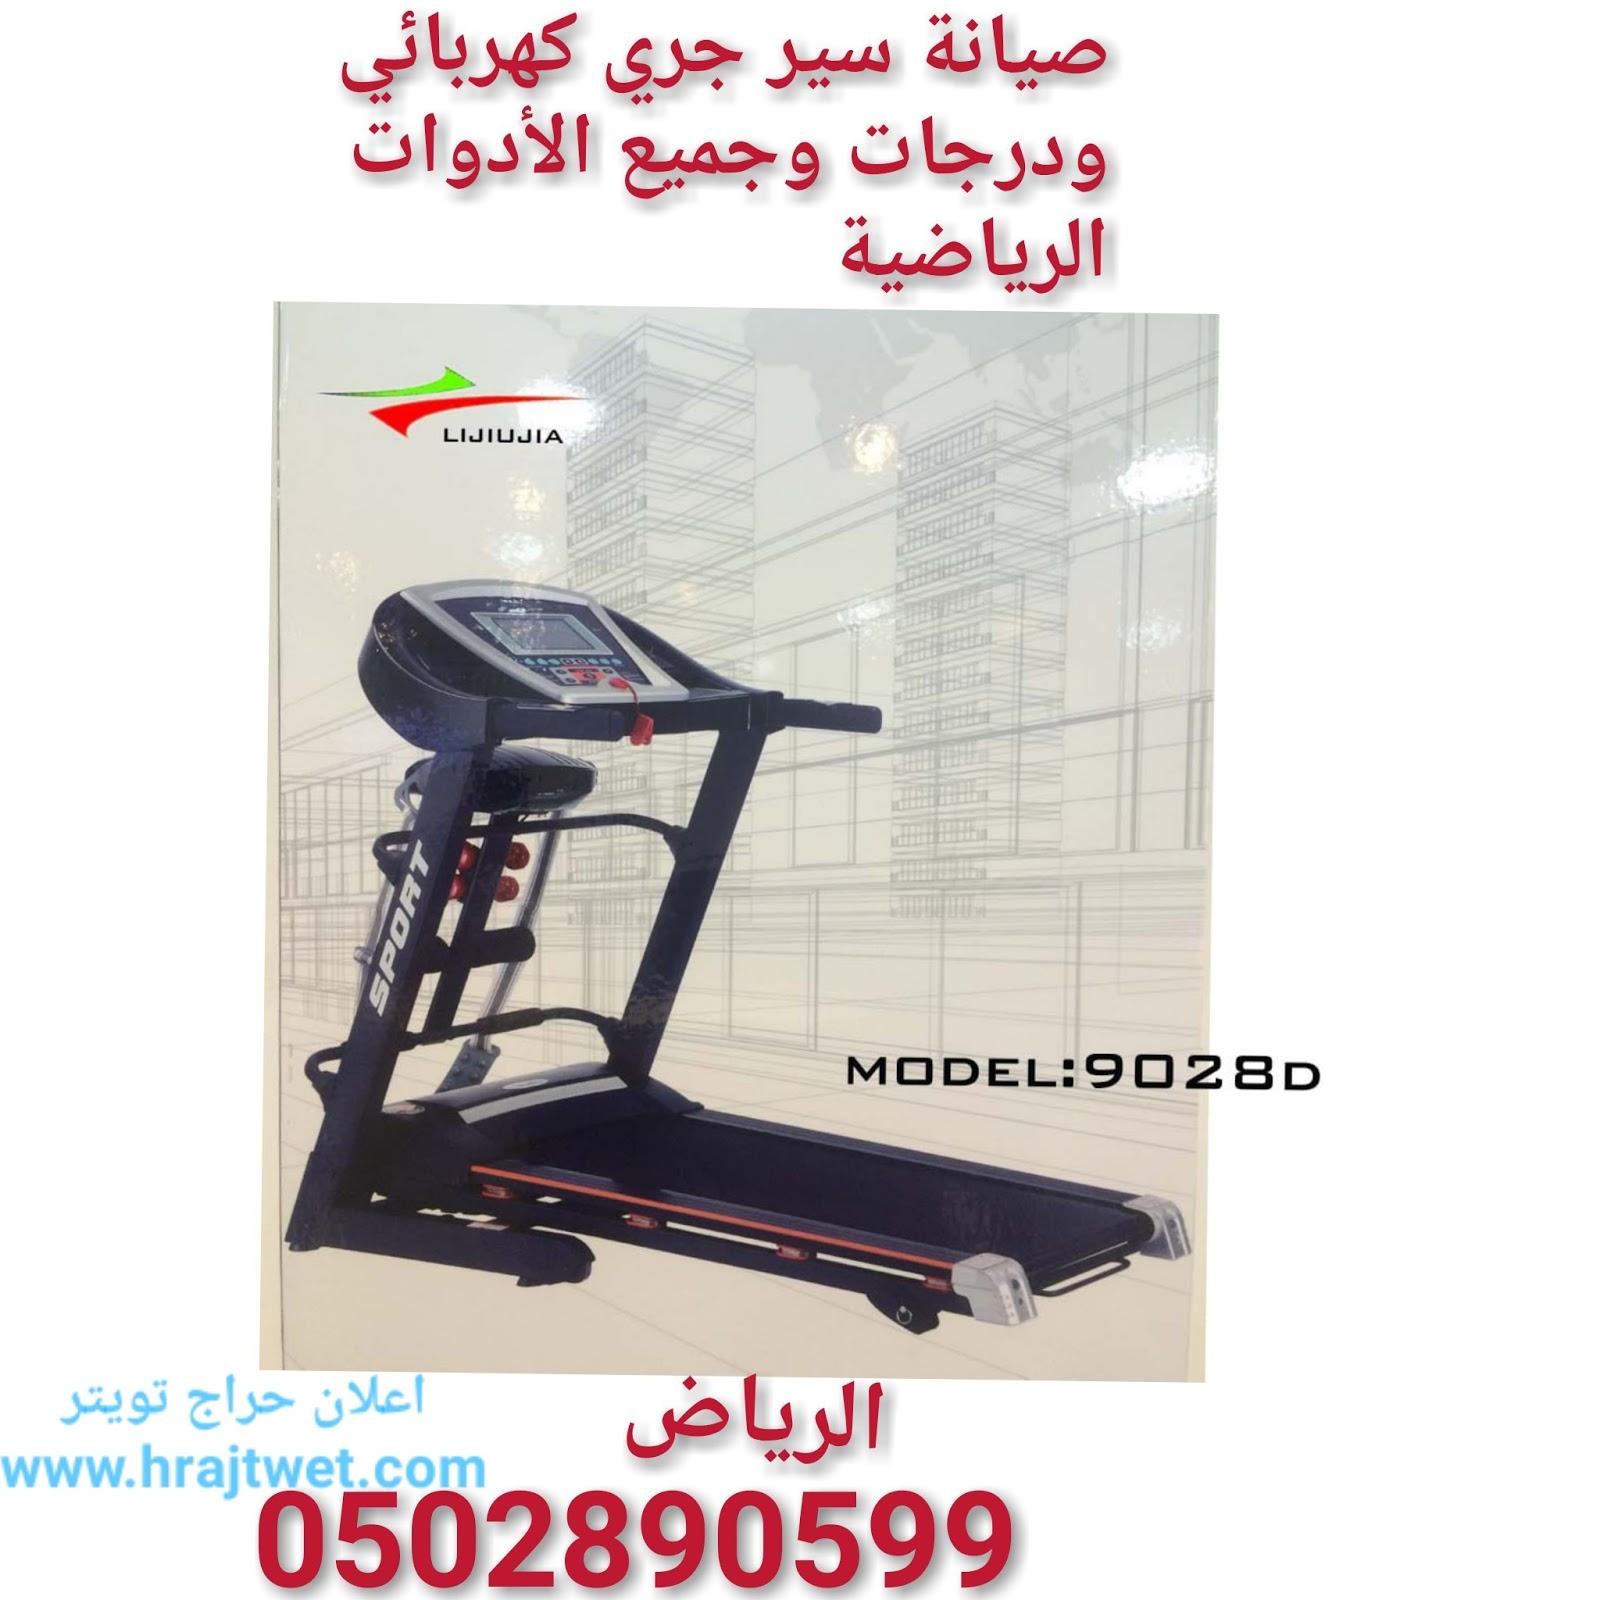 صيانة سير جري كهربائي ودراجة وجميع الأدوات الرياضية 0502890599 الرياض حراج تويتر